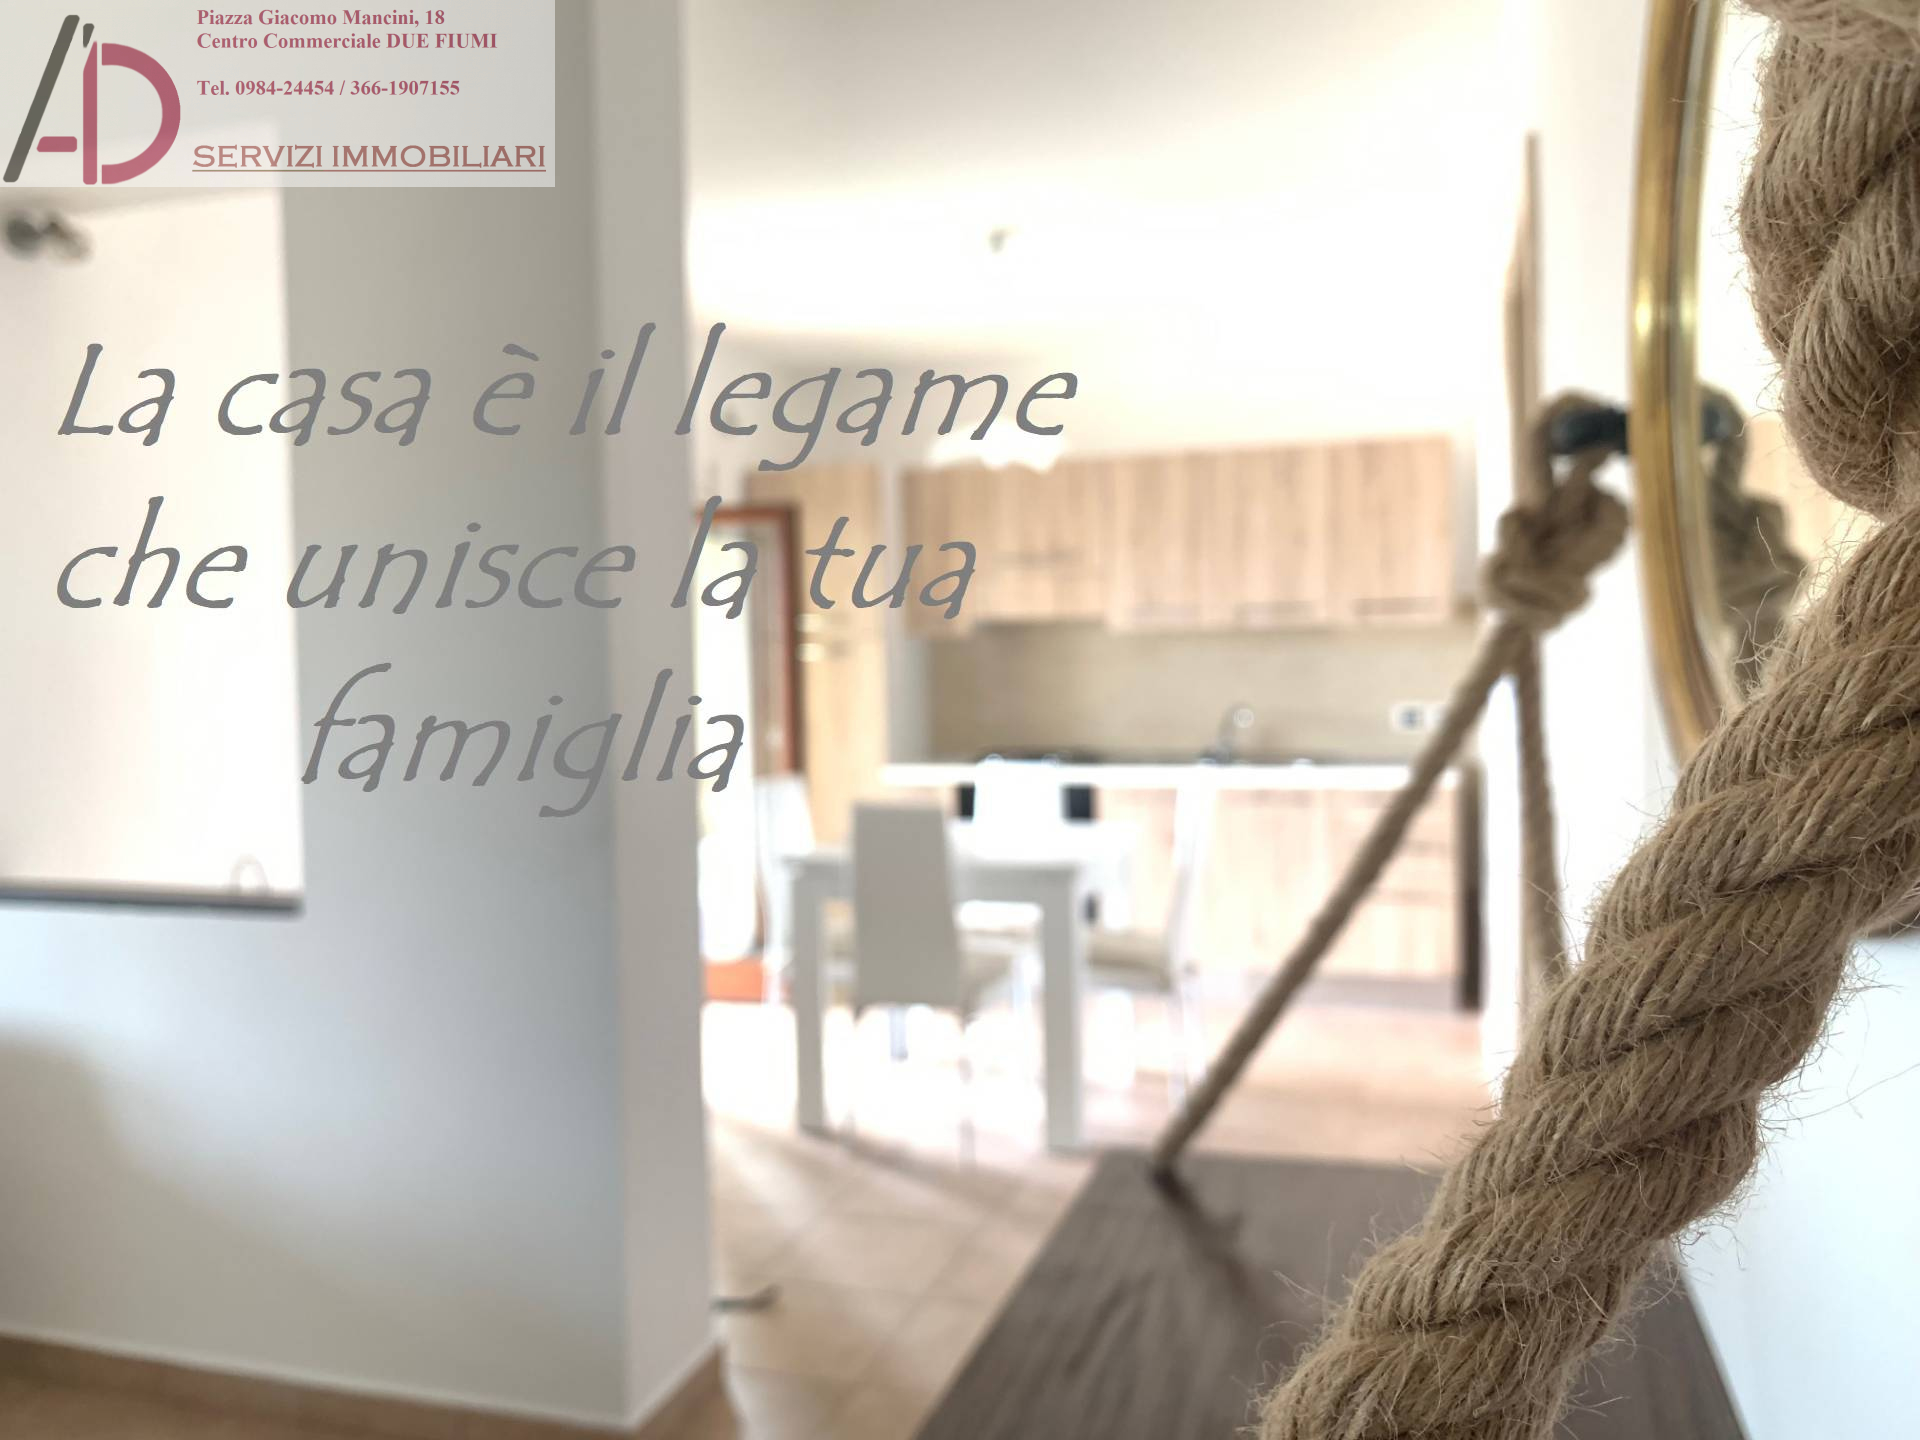 Appartamento in affitto a Montalto Uffugo (CS)